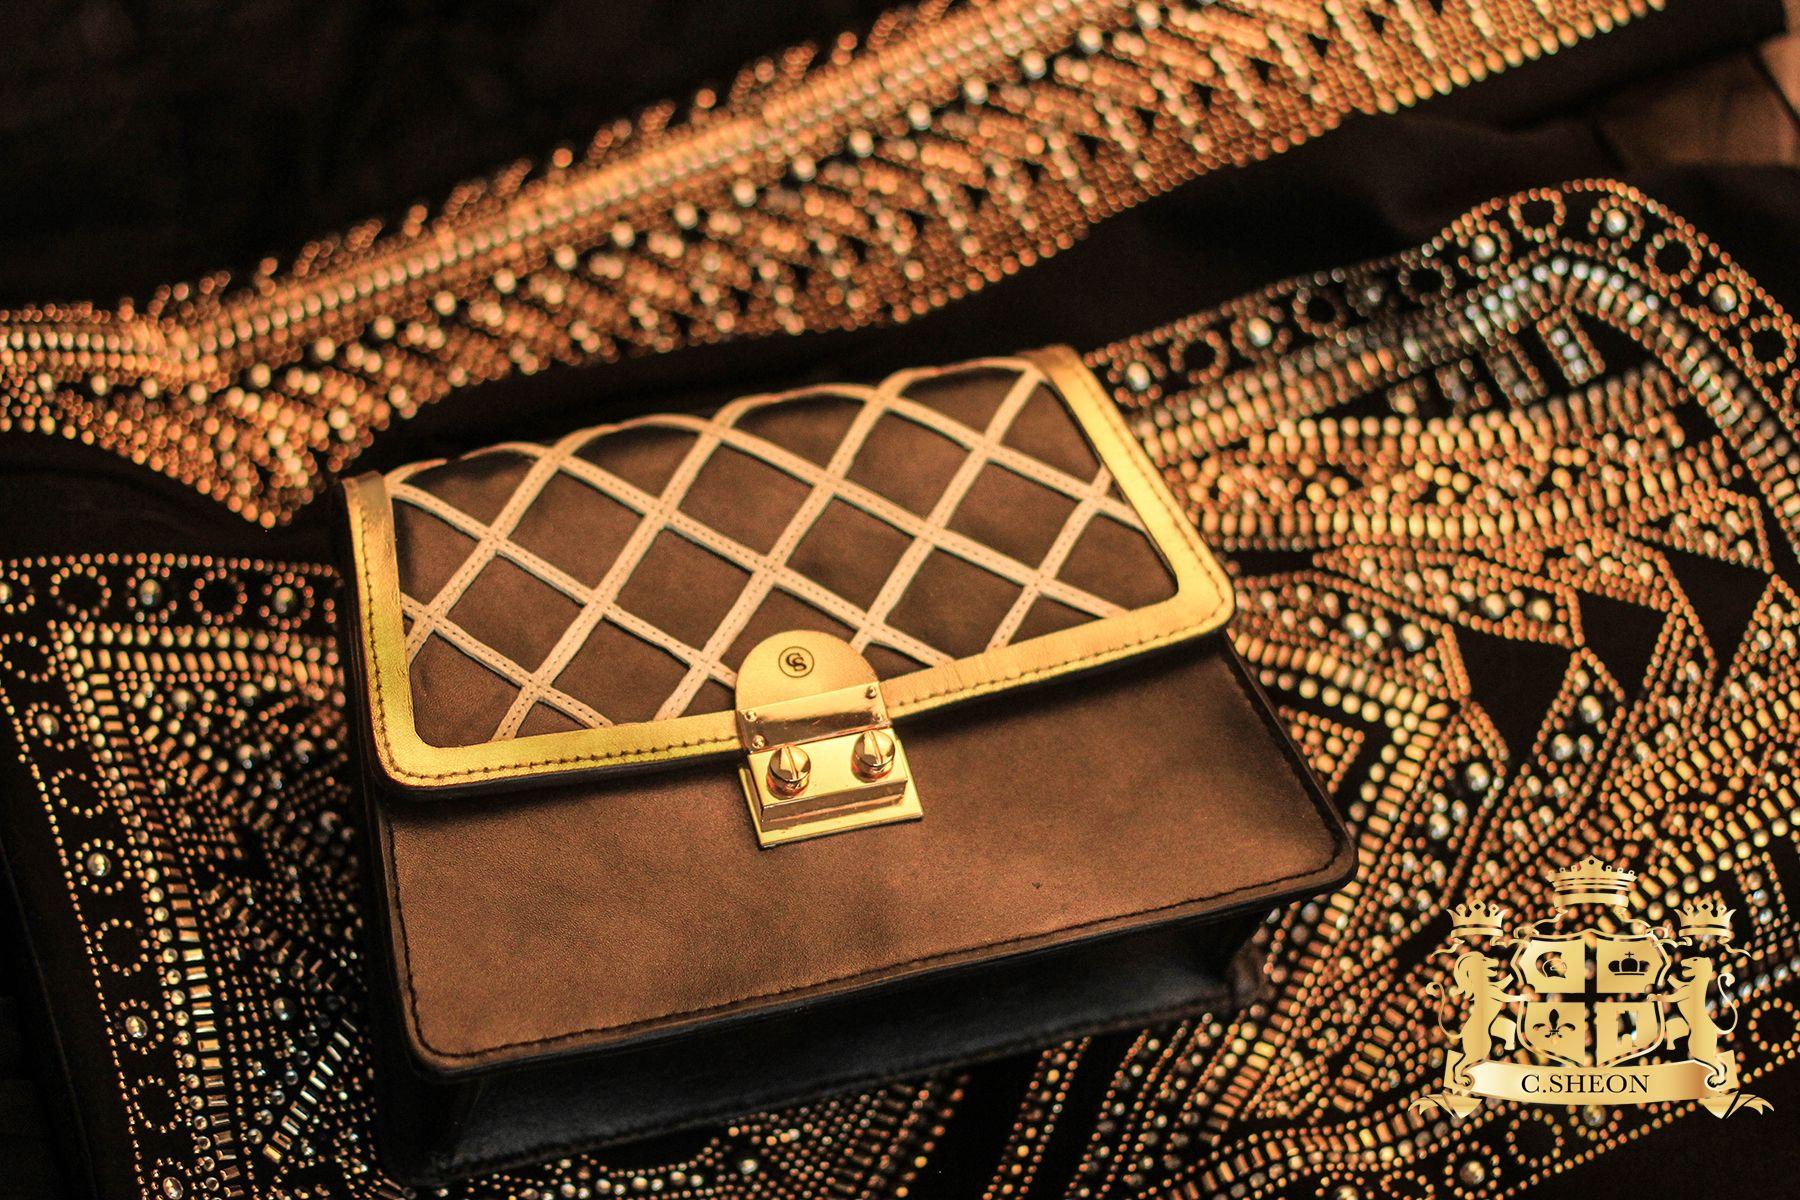 Leather bags purses wallets agendas designer